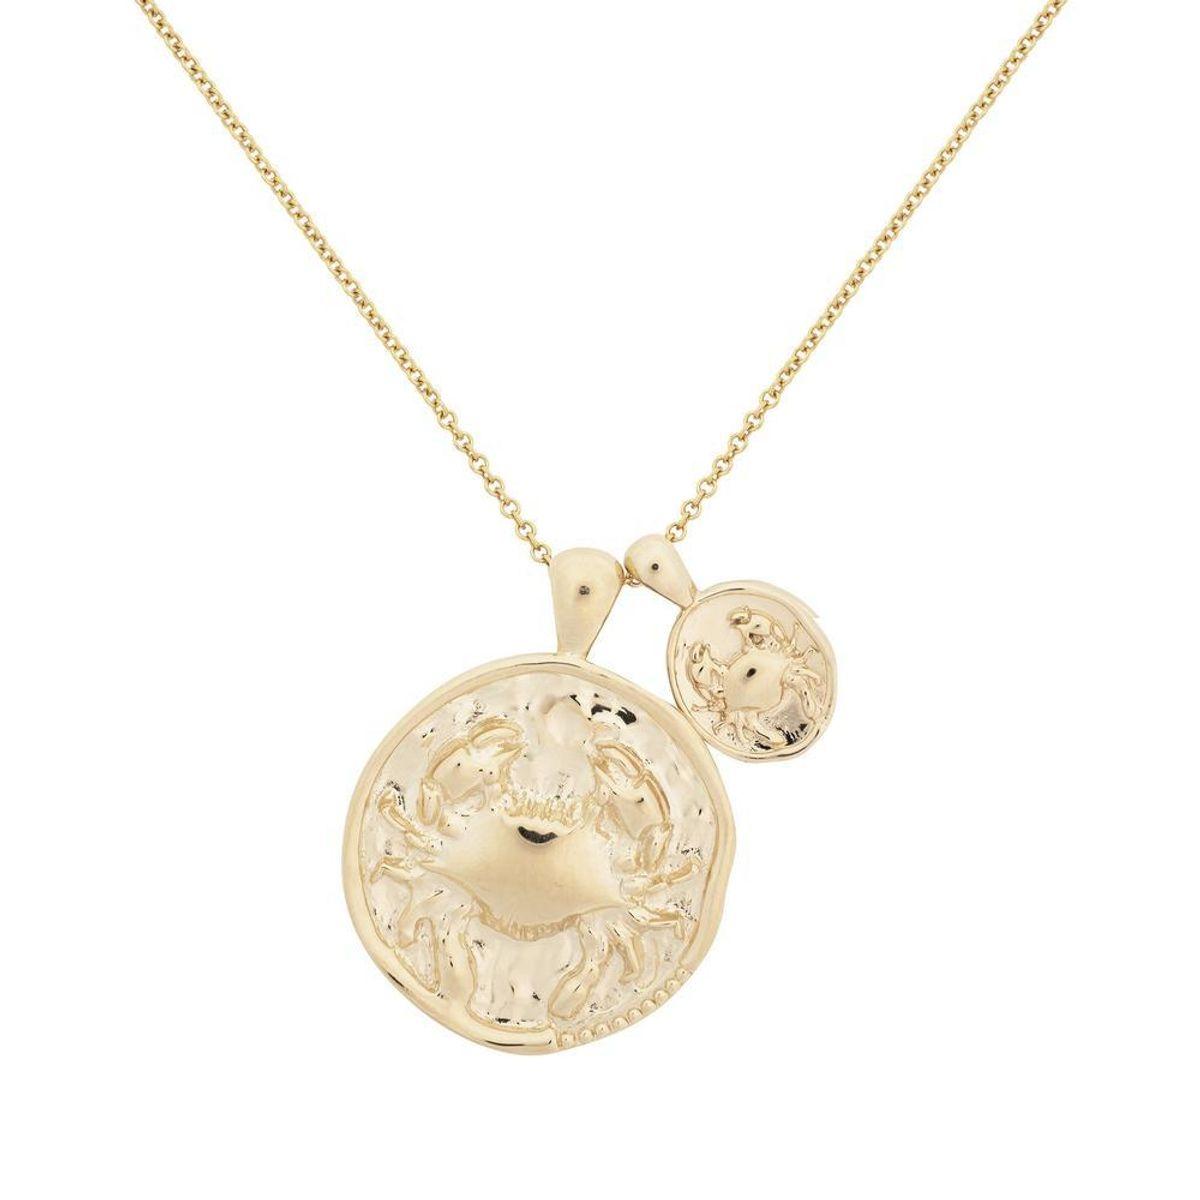 ycl jewels zodiac II necklace